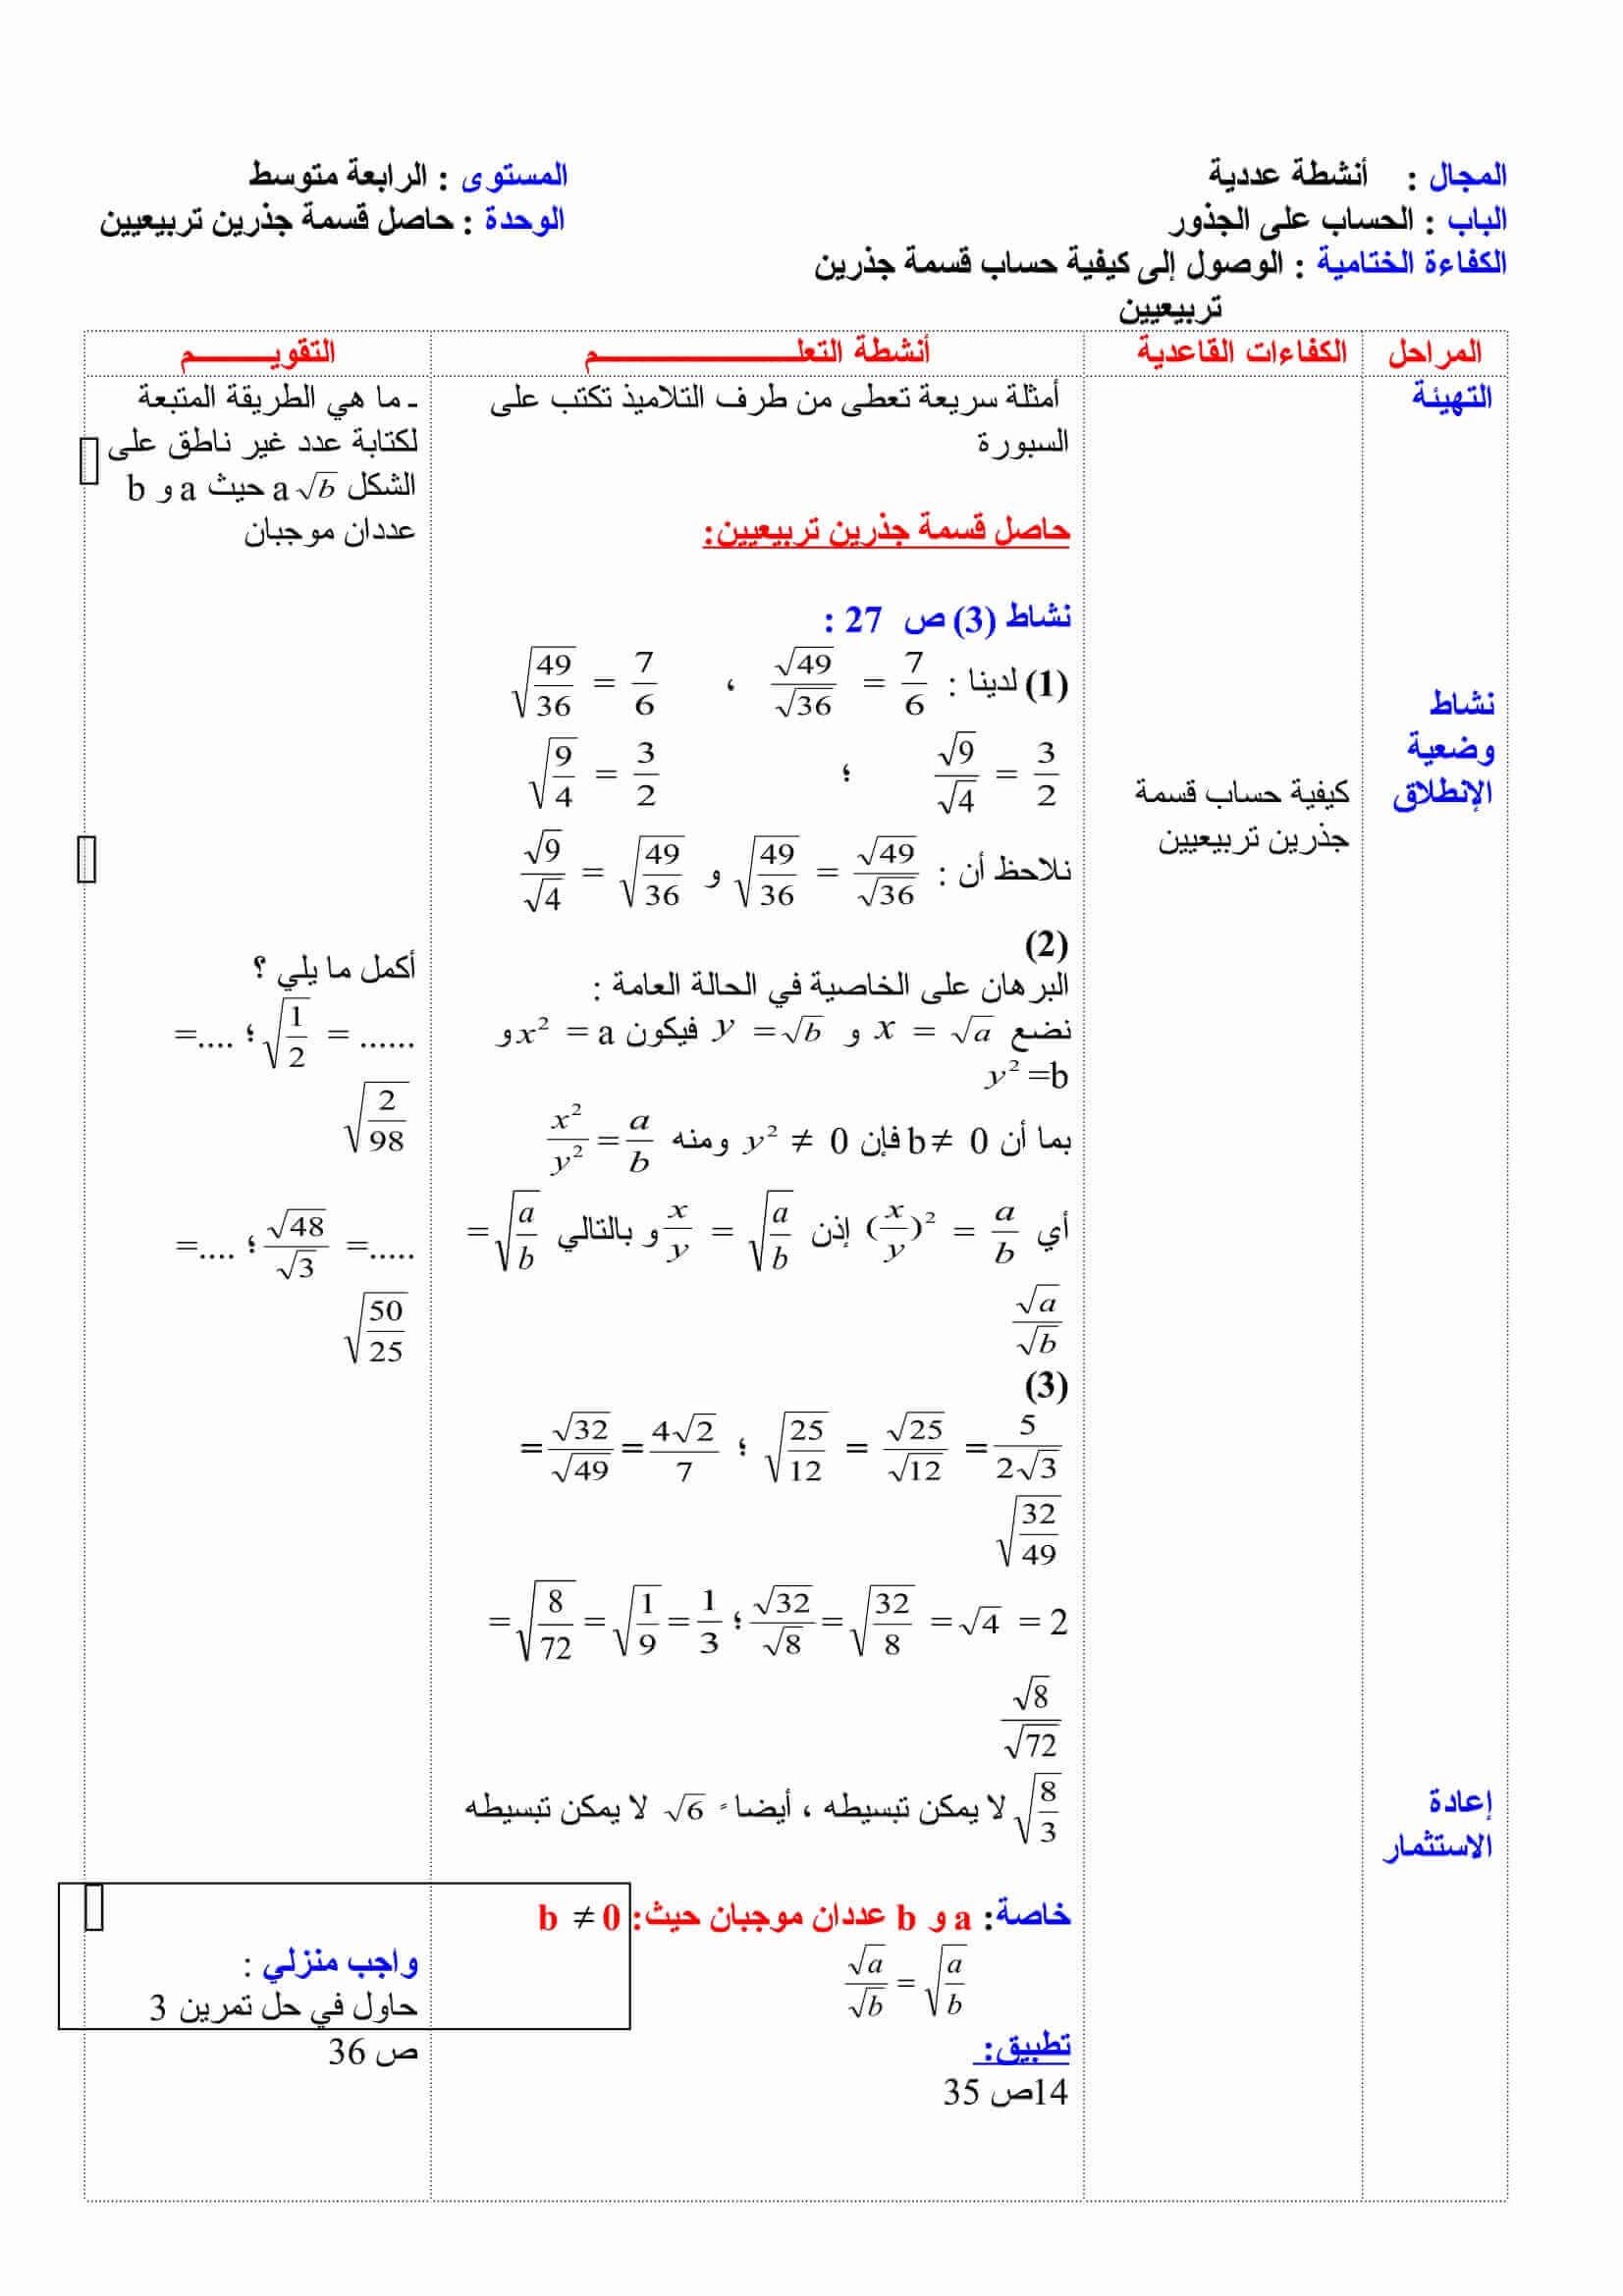 حلول كتاب الرياضيات للسنة الاولى متوسط